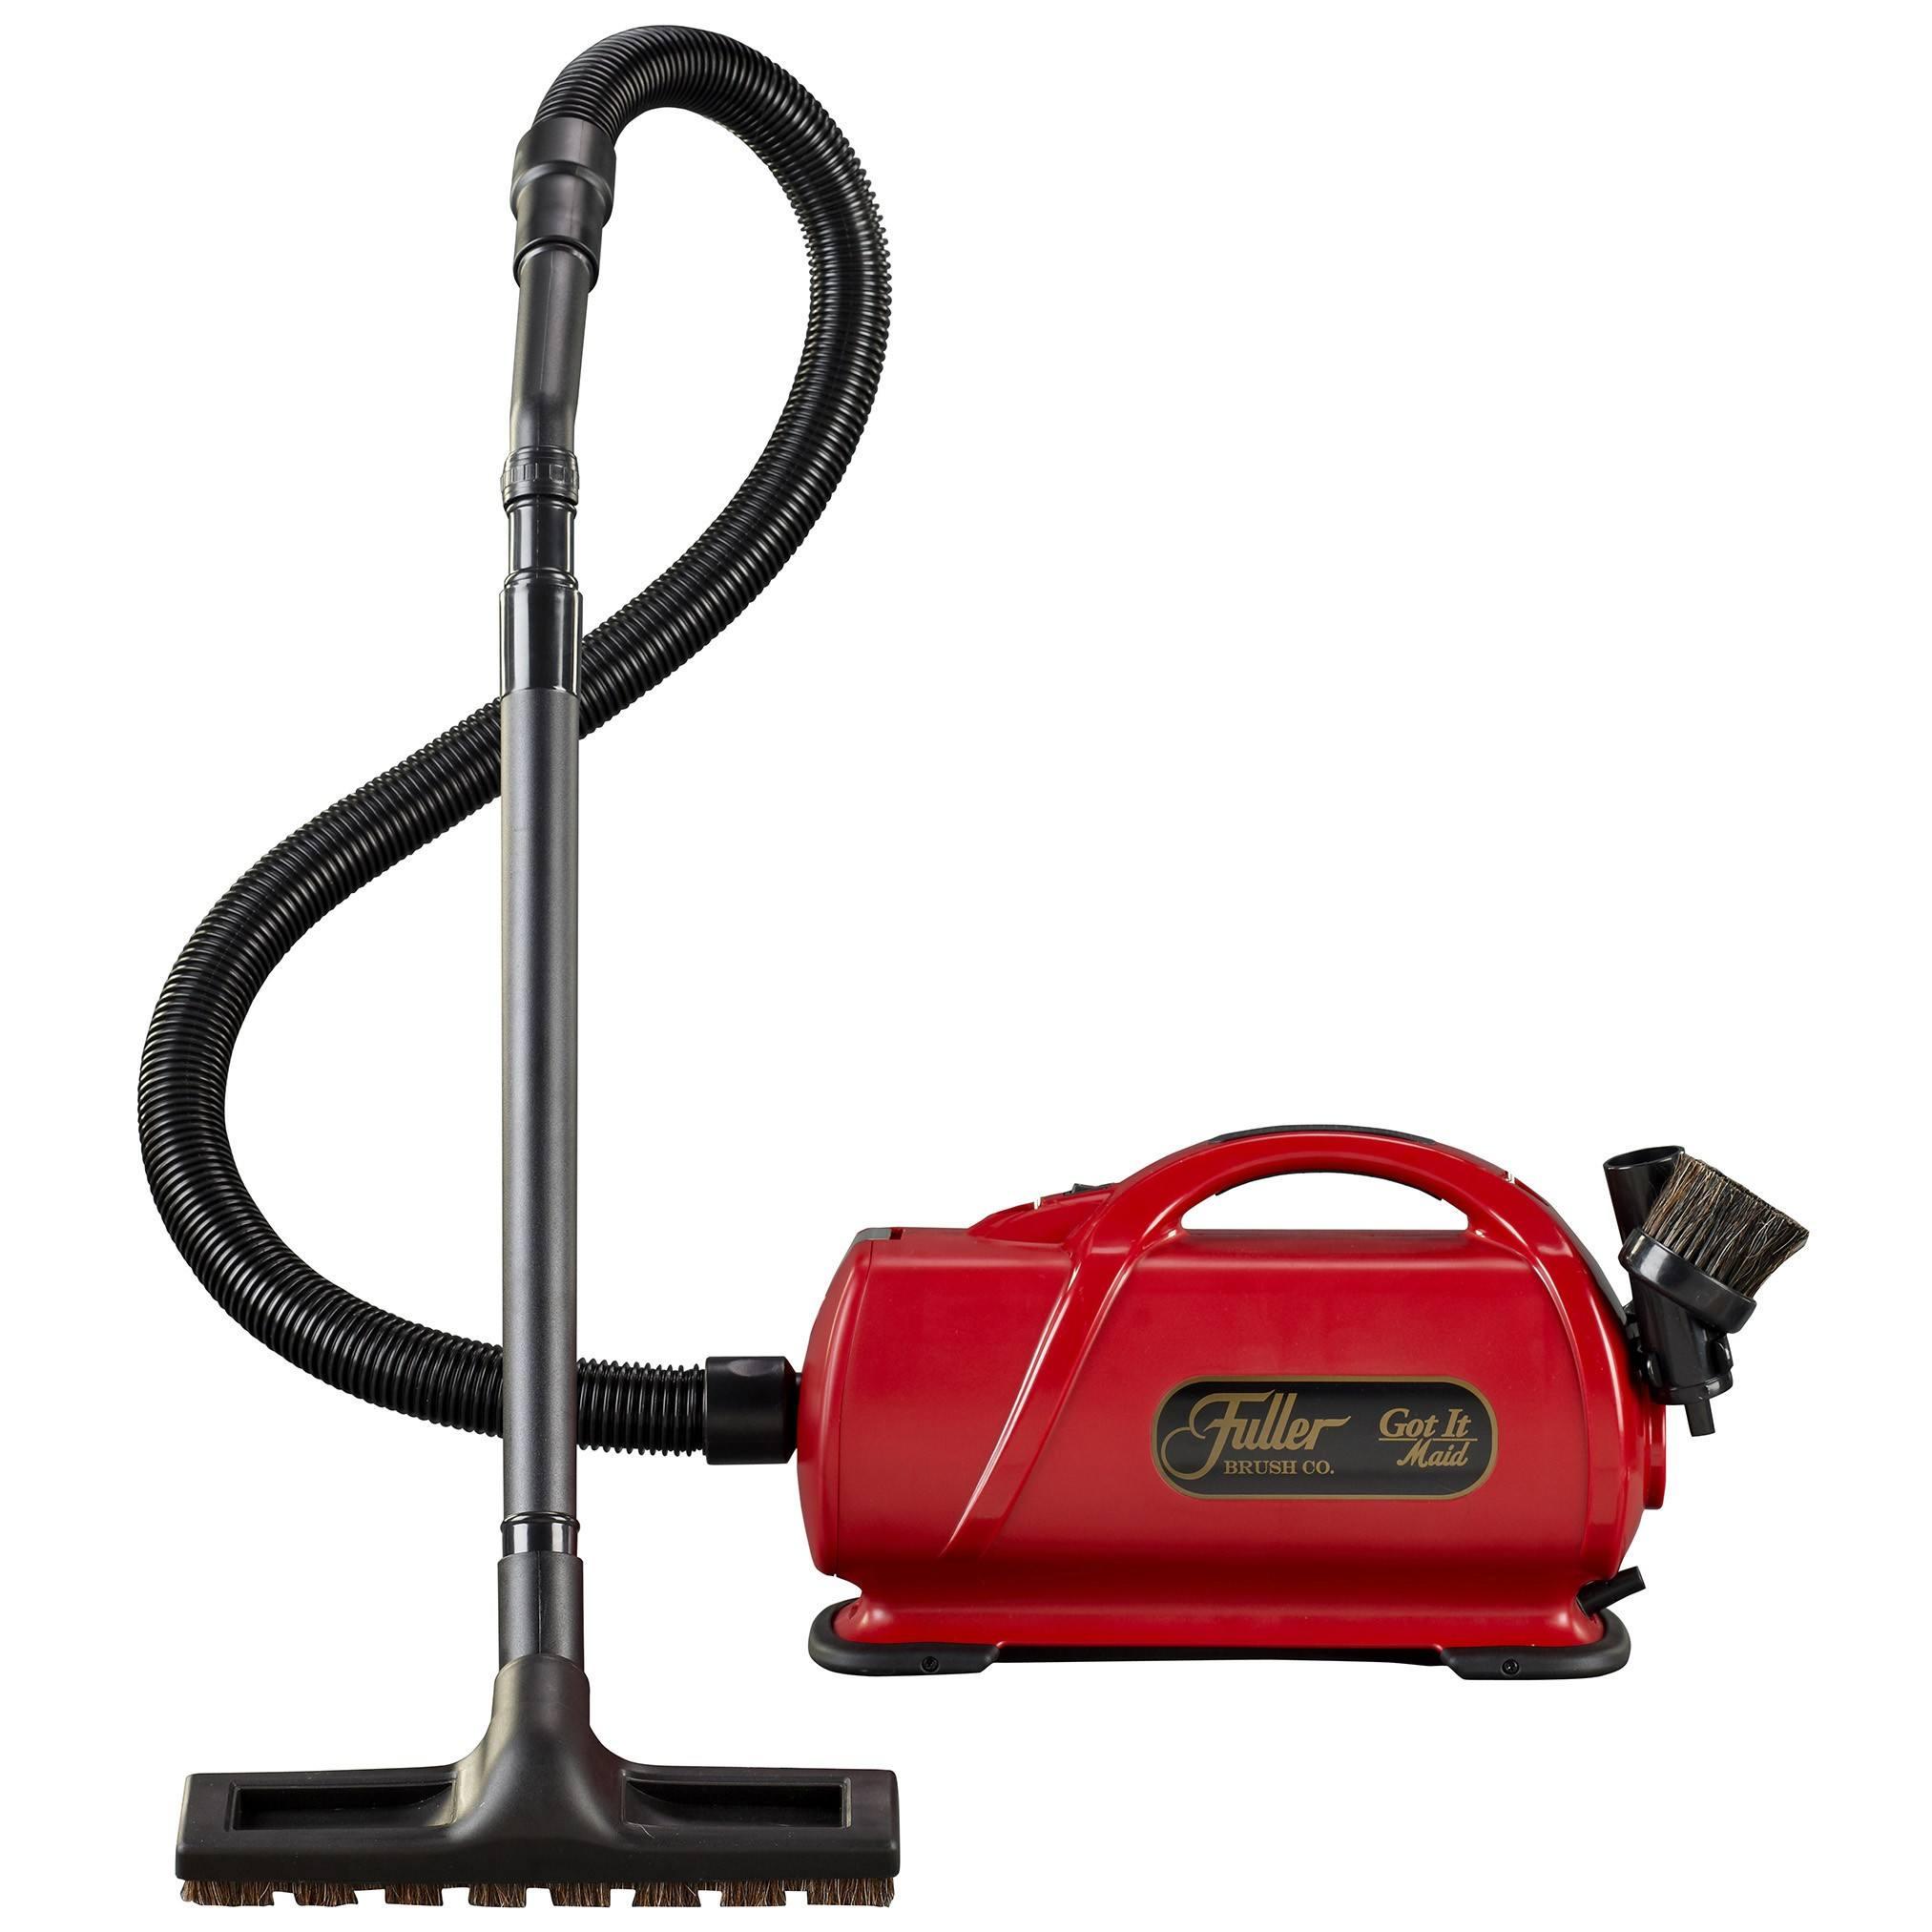 Fuller Brush Portable Canister Vacuum Cleaner